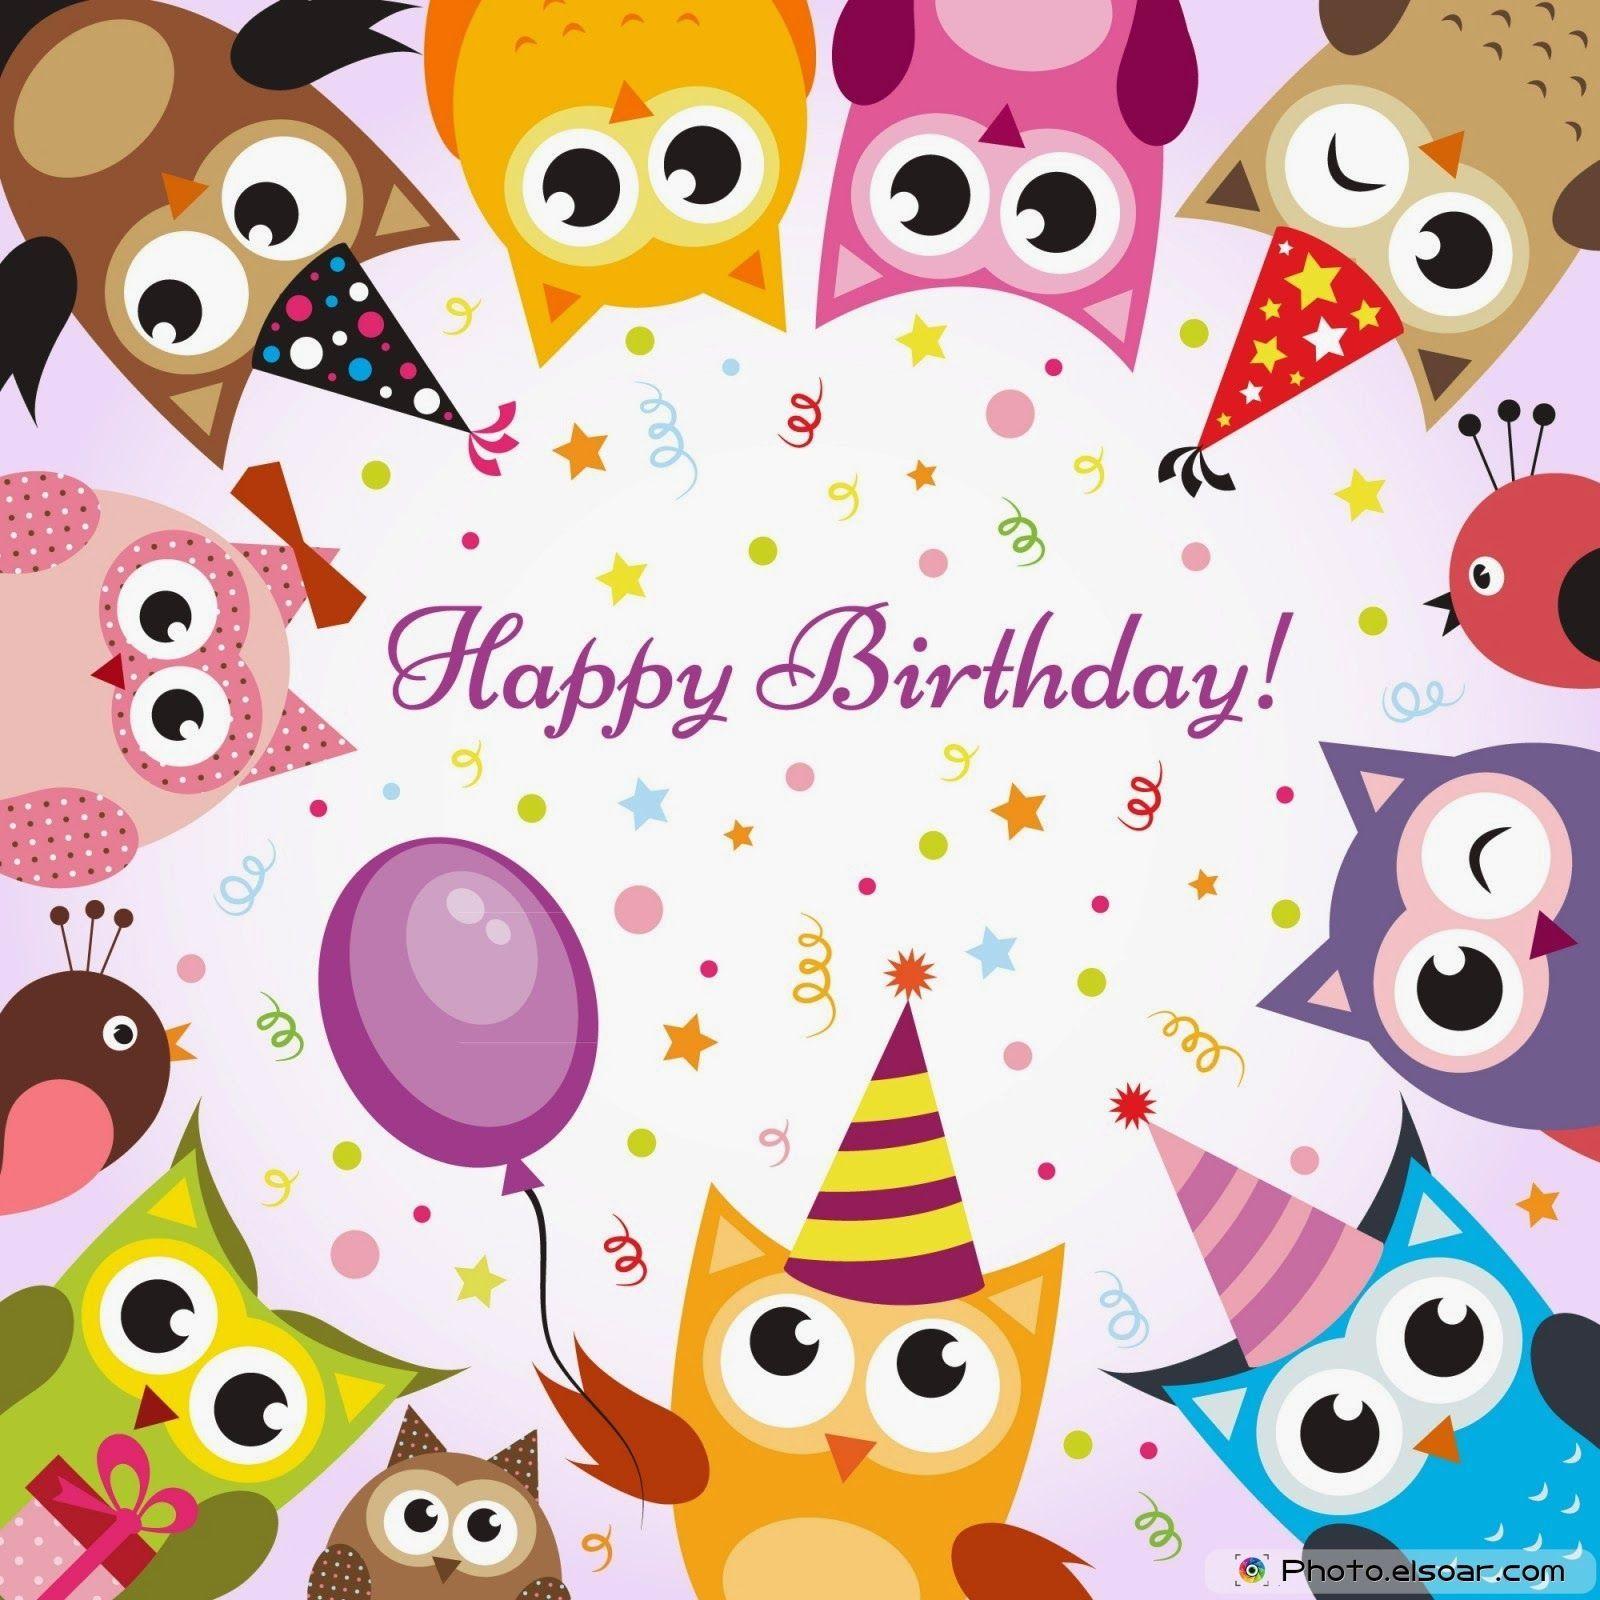 Wunsche Furs Neue Lebensjahr Happy Birthday Owl Happy Birthday Cards Happy Birthday Greetings